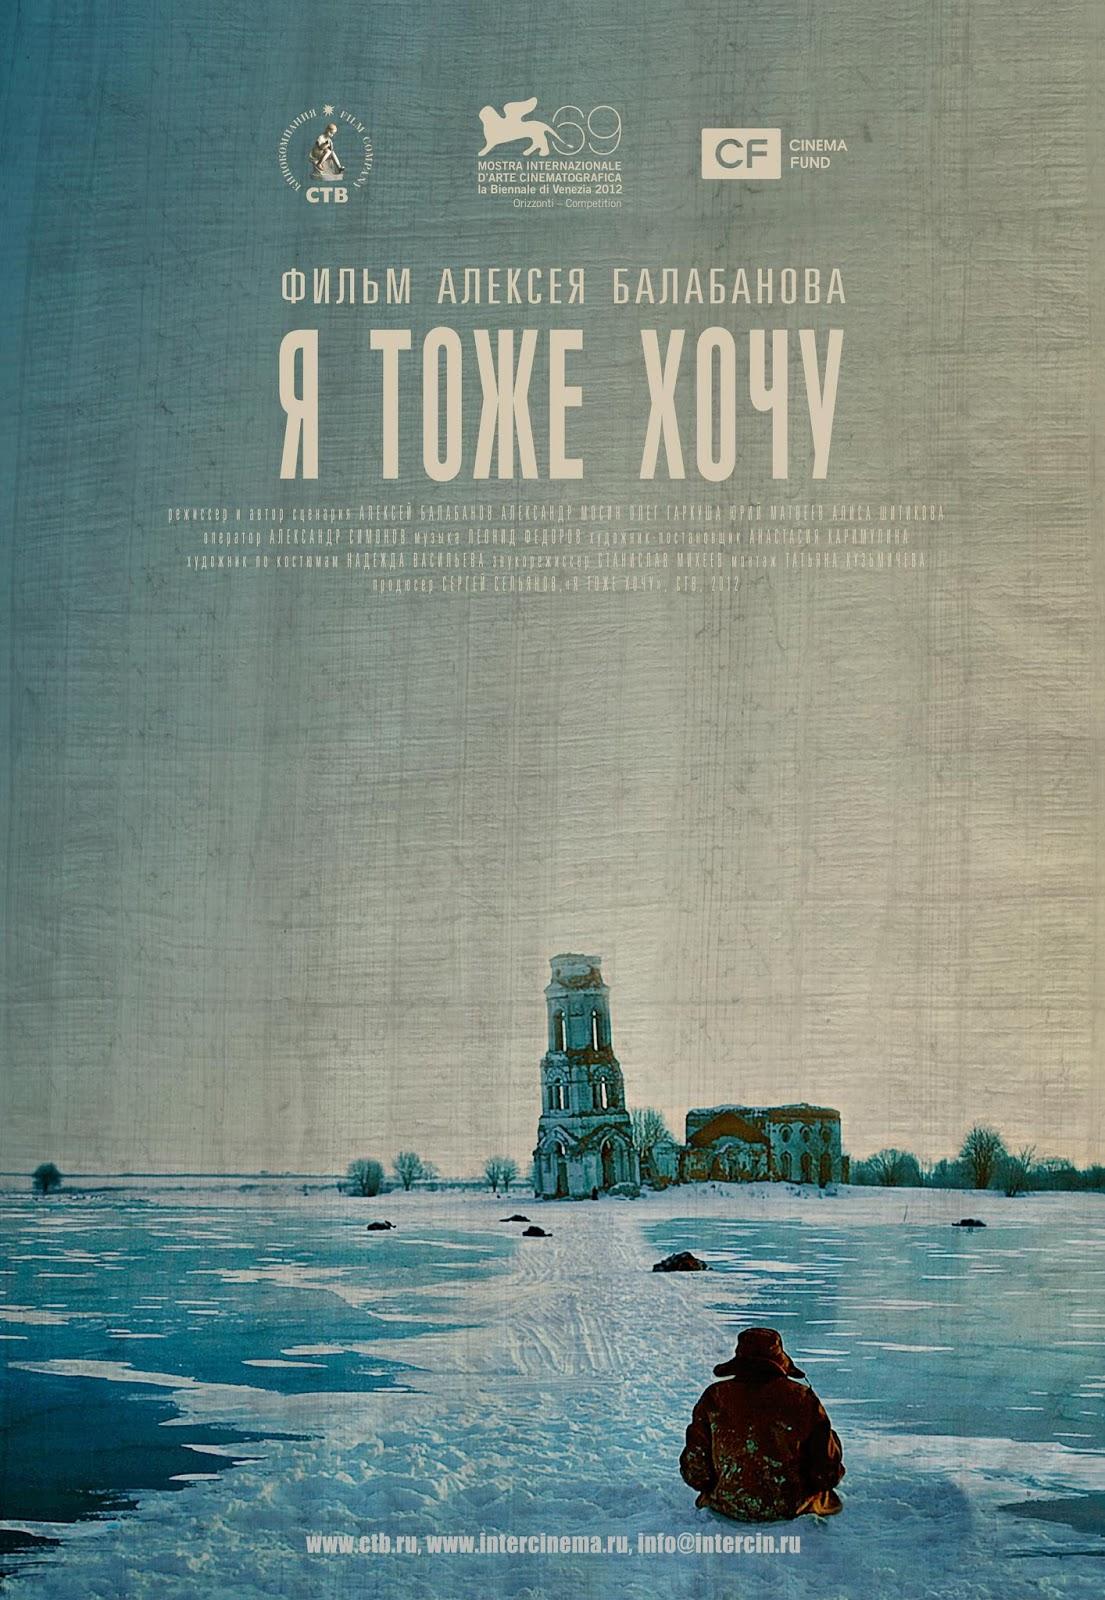 Me Too (Ya Tozhe Khochu) Poster